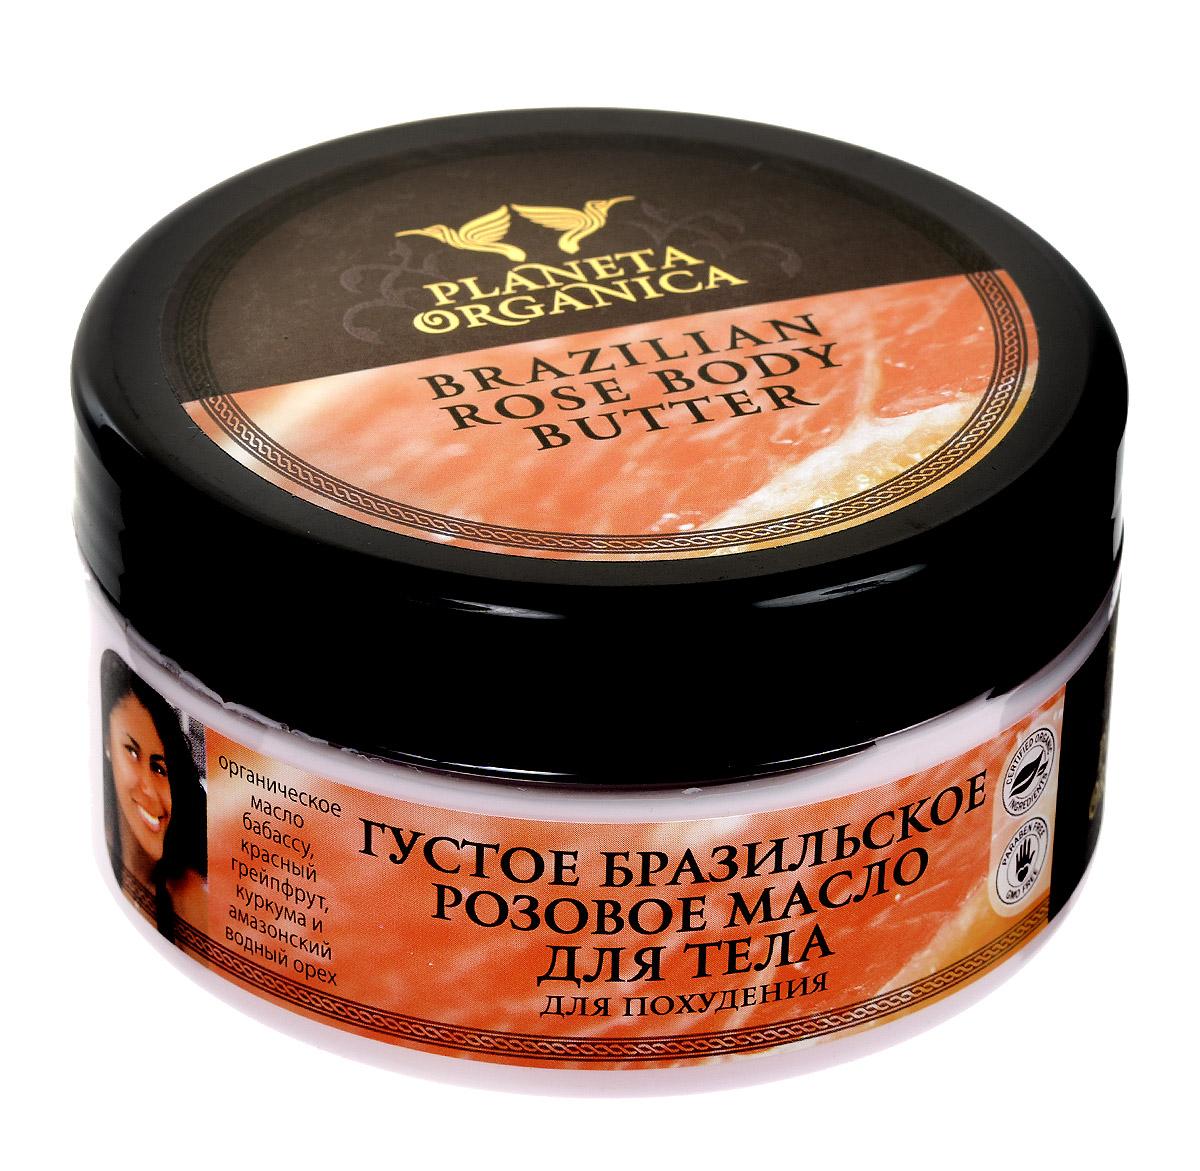 Planeta Organica Густое бразильское розовое масло для тела, для похудения, 300 мл071-1-0281Густое бразильское розовое масло Planeta Organica для тела, для похудения - густая текстура илегкое нанесение.Густое розовое масло возвращает коже тонус, упругость и эластичность. Пектин, содержащийся вкрасном грейпфруте, усиливает обмен веществ, тонизирует кожу, эффективно борется сцеллюлитом.Амазонский водный орех активизирует расщепление жировых клеток, улучшая контуры тела.Благодаря токотриенолам, входящим в состав масла, бабассу обладает антиоксидантным иантивозрастным действием.Куркума увлажняет и смягчает, делает кожу подтянутой и гладкой. Густое масло выравниваетконтуры тела и способствует похудению, а также замедляет процесс накопления жировыхотложений. Характеристики:Объем: 300 мл. Артикул: 071-1-0281. Производитель: Россия.Товар сертифицирован.Уважаемые клиенты! Обращаем ваше внимание на то, что упаковка может иметь несколько видов дизайна.Поставка осуществляется в зависимости от наличия на складе.